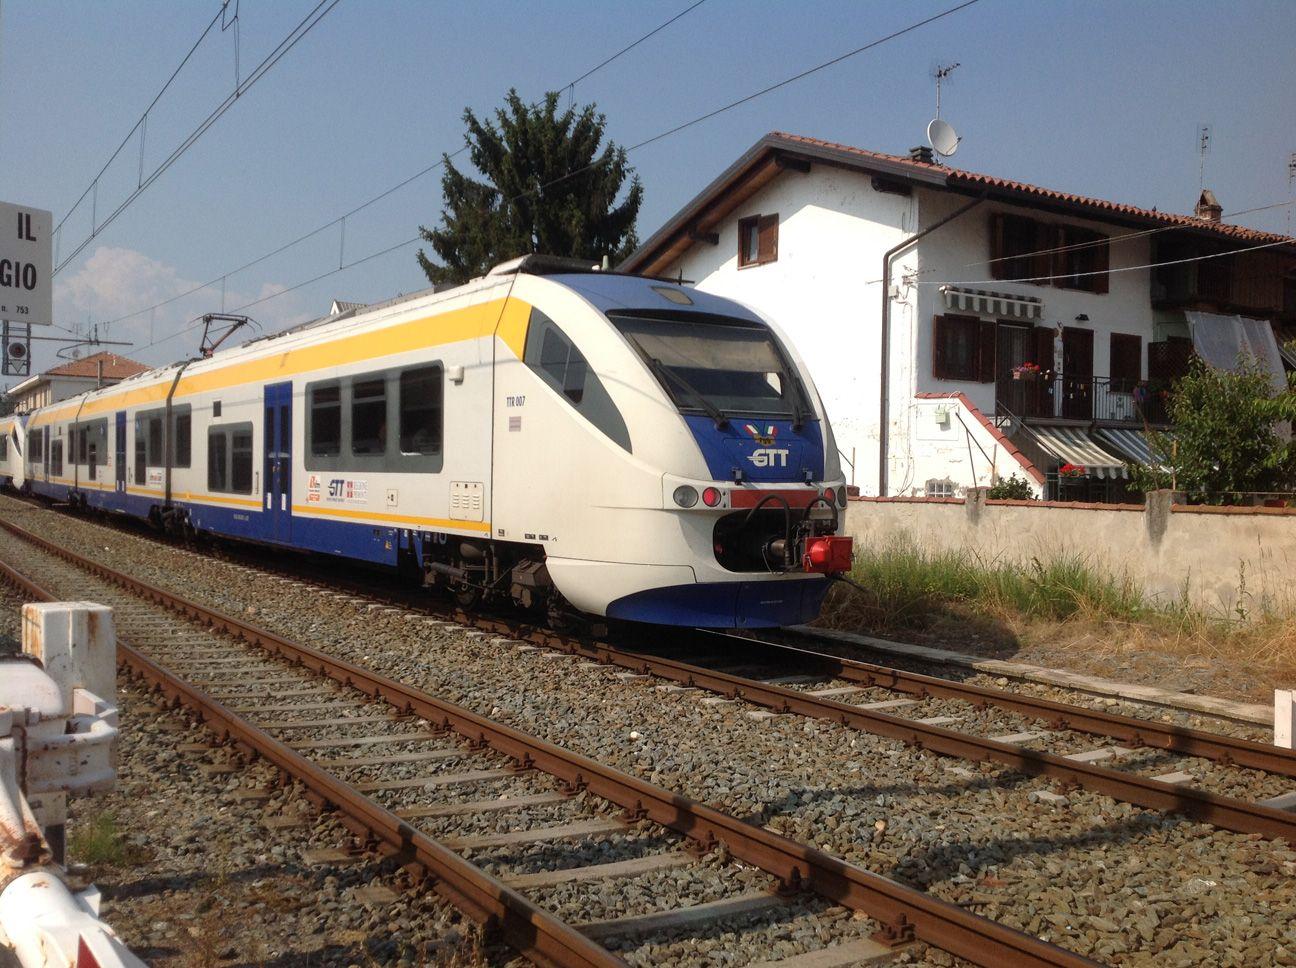 FERROVIA CANAVESANA - Arriva agosto, nuovo orario per i treni tra Rivarolo e Torino - SCARICA L'ORARIO